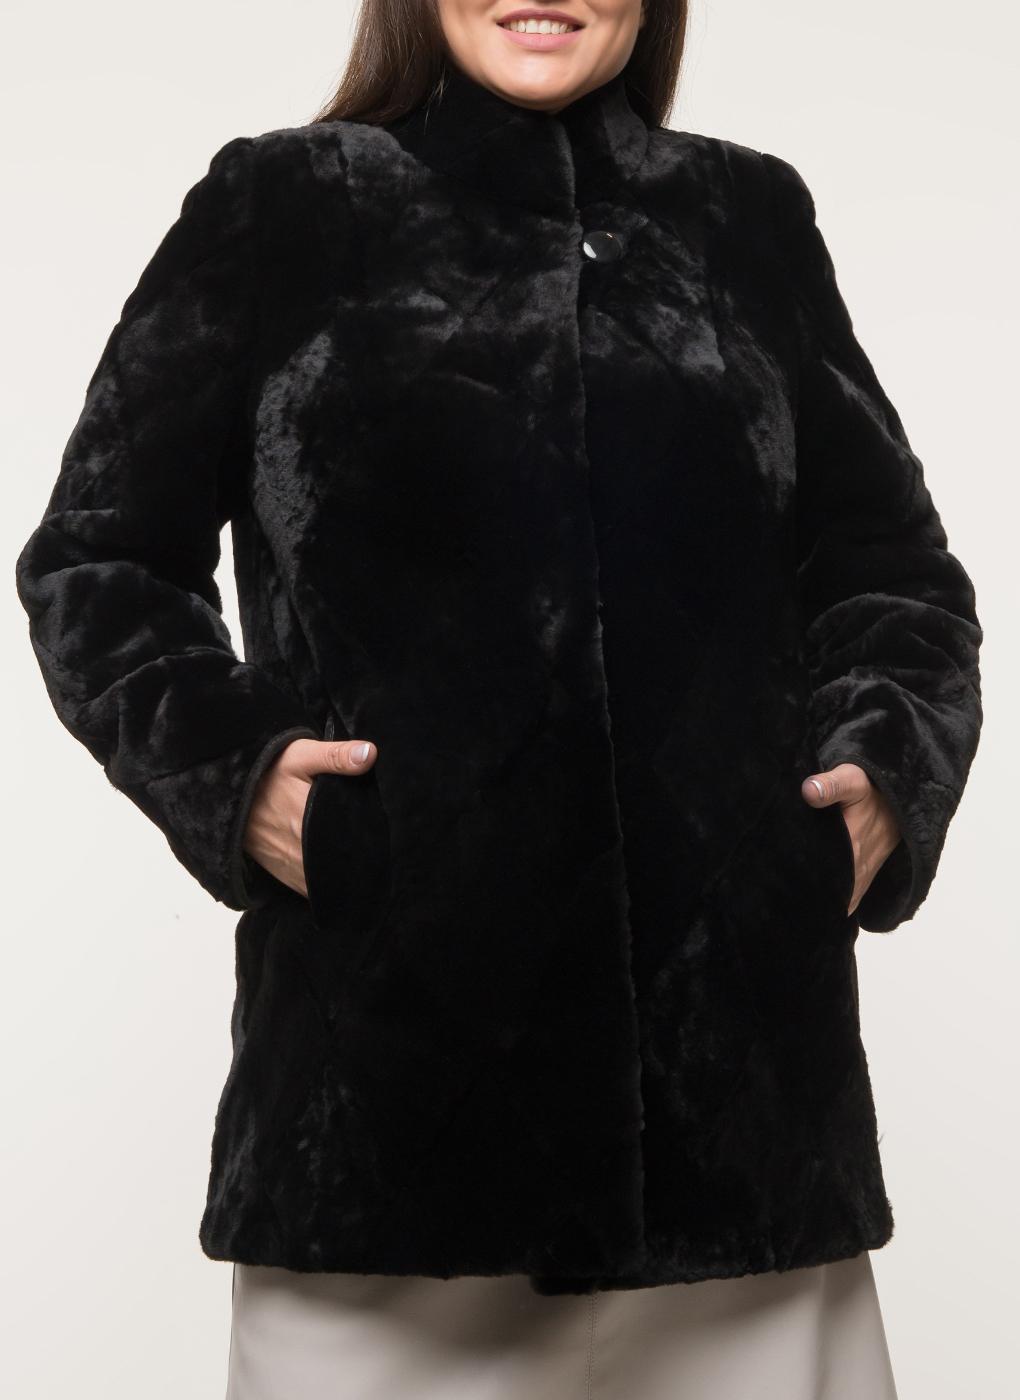 Пальто приталенное из овчины 03, Anna Romanova furs фото